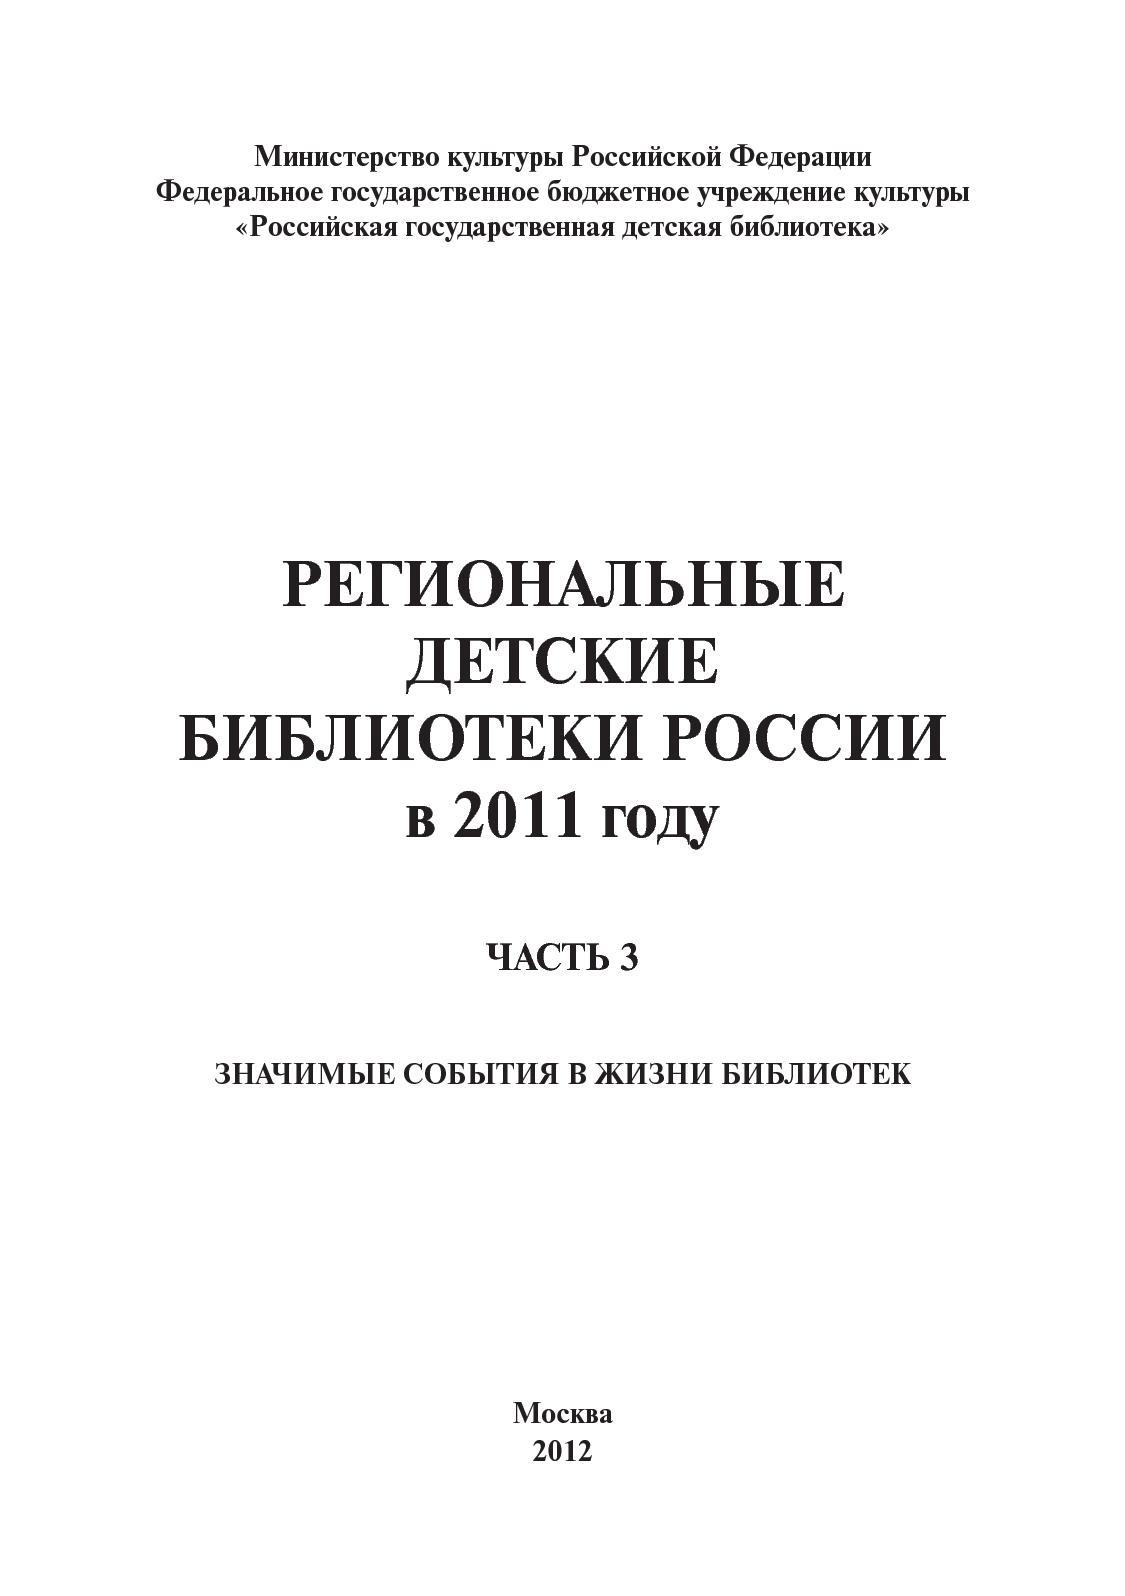 Трудовой договор для фмс в москве Космонавта Волкова улица документы для кредита Митино